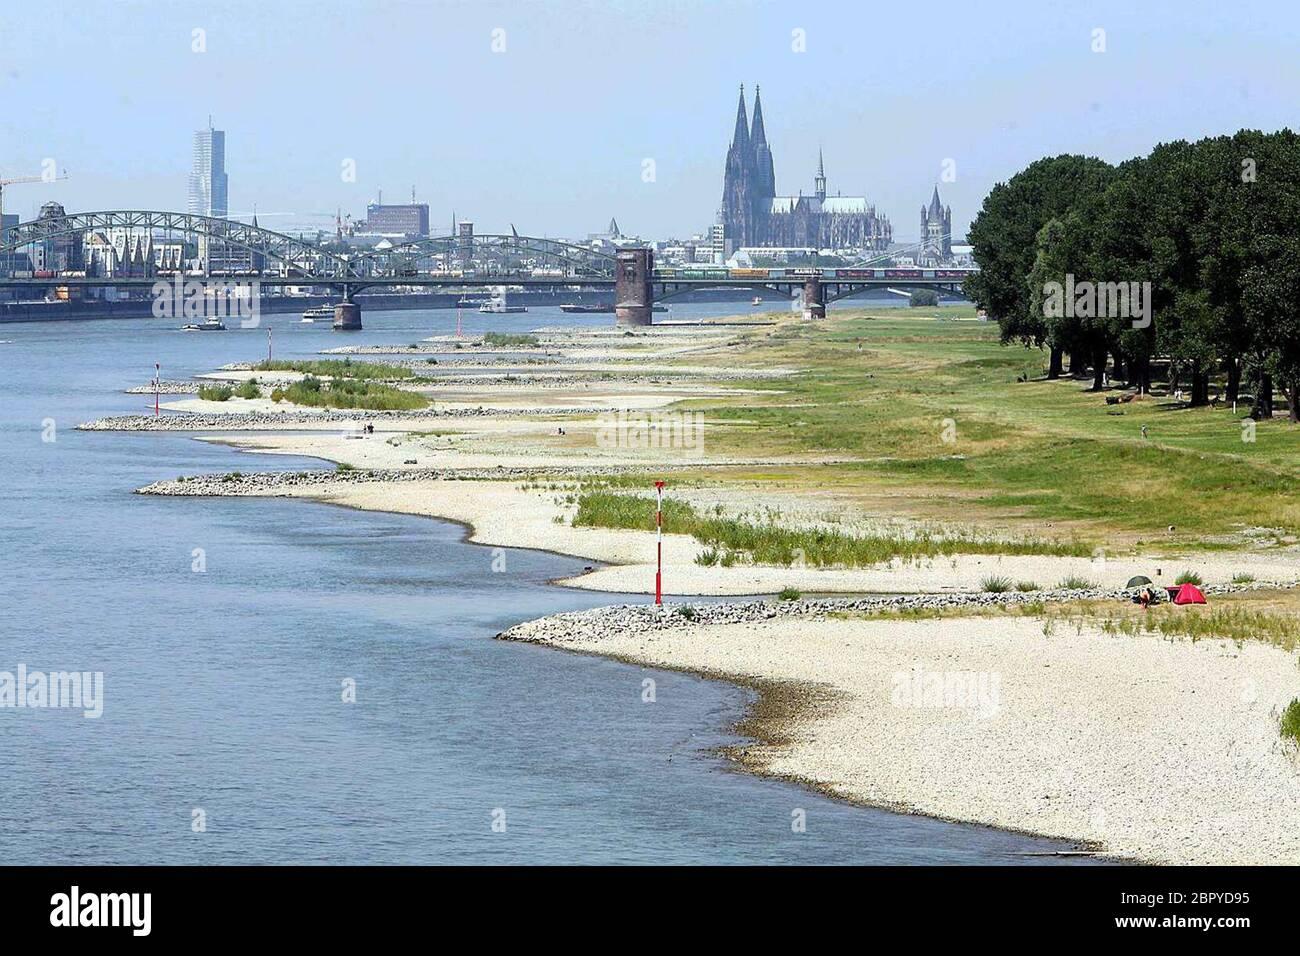 Rhein - Impressionen - Niedrigwasserstand in Köln 2006 - Panorama Foto Stock